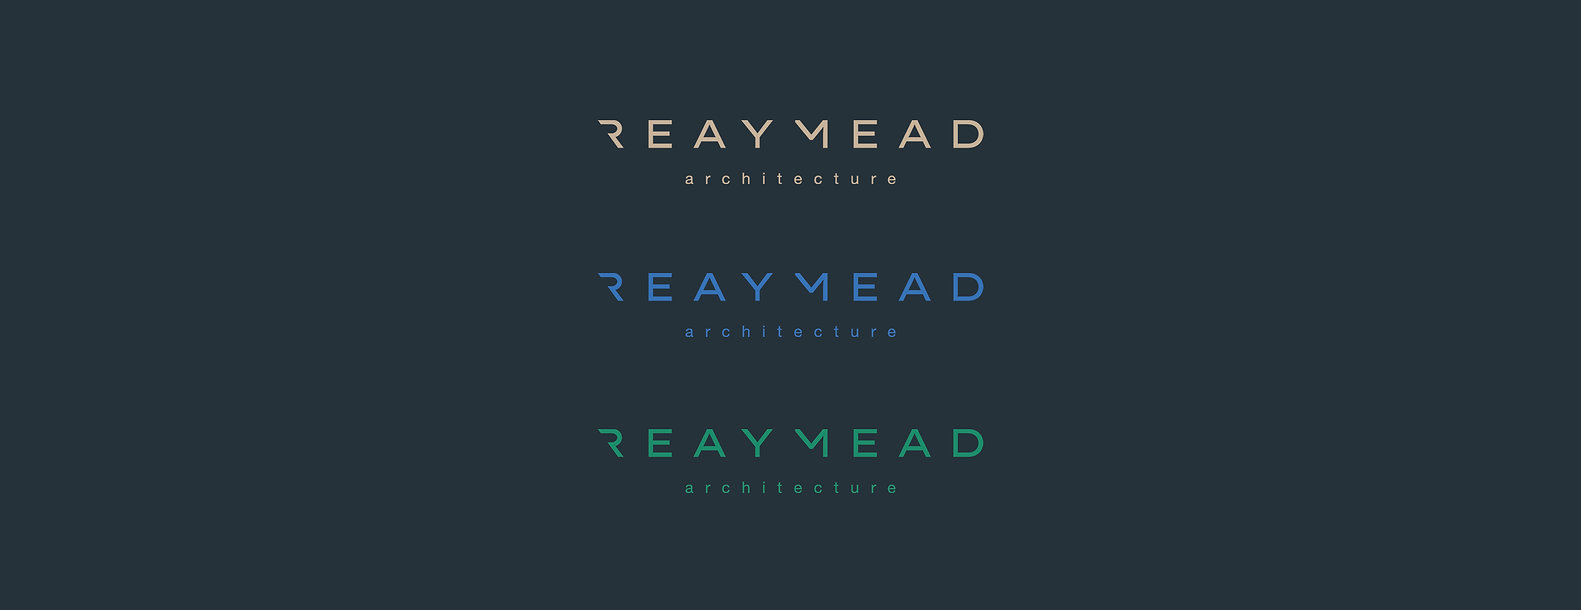 Reay Mead logo 23.jpg